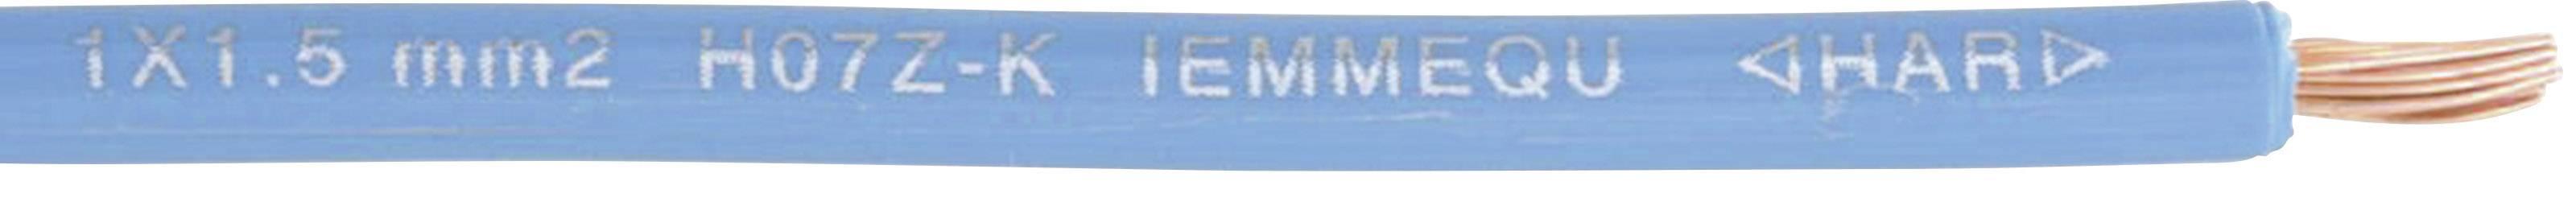 Pletenica H07Z-K 1 x 6 mm, rjava Faber Kabel 040279 cena za meter